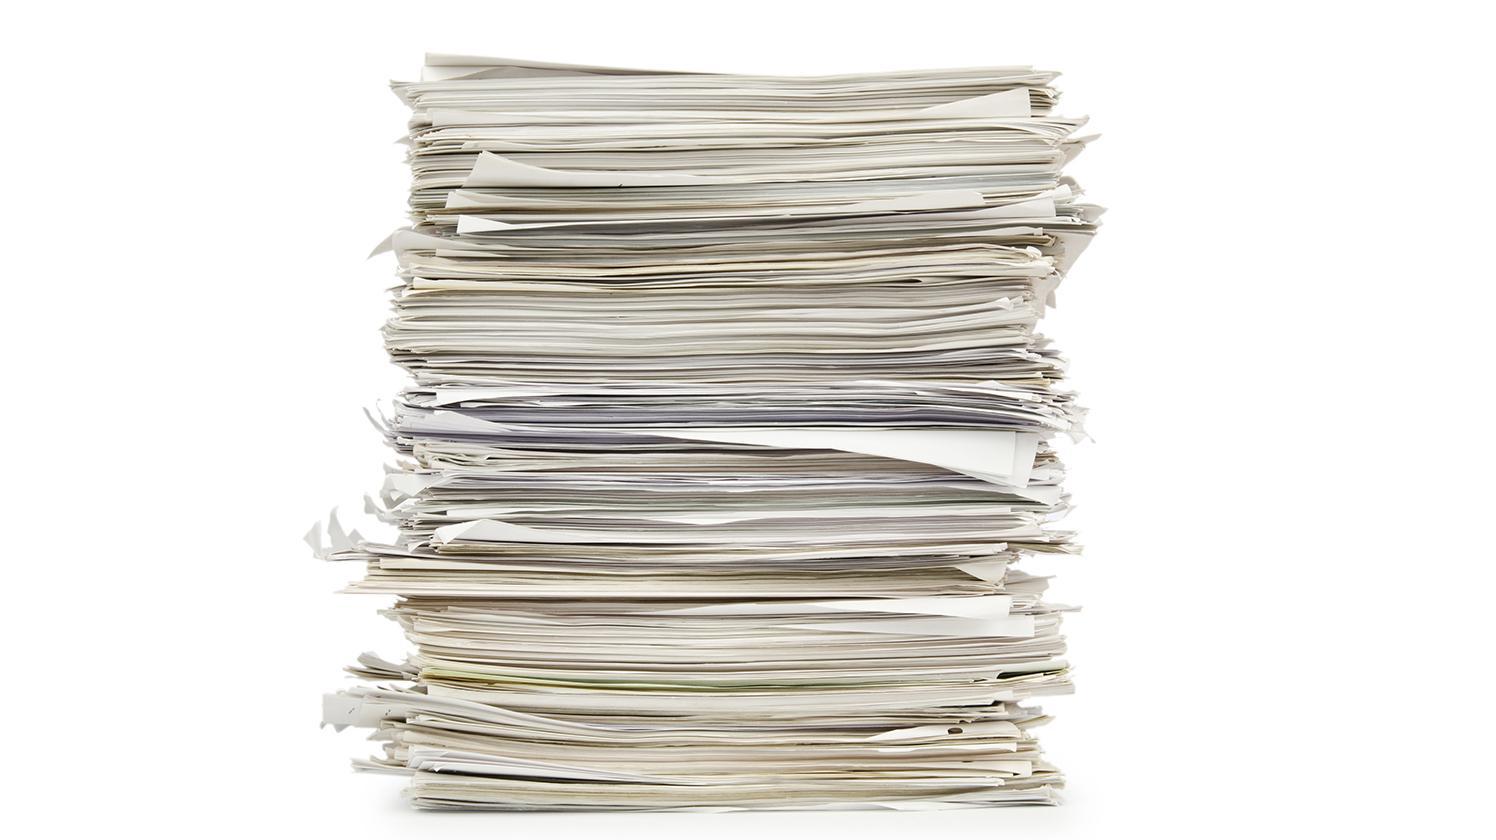 Tas de papier, prévention des déchets BRITA